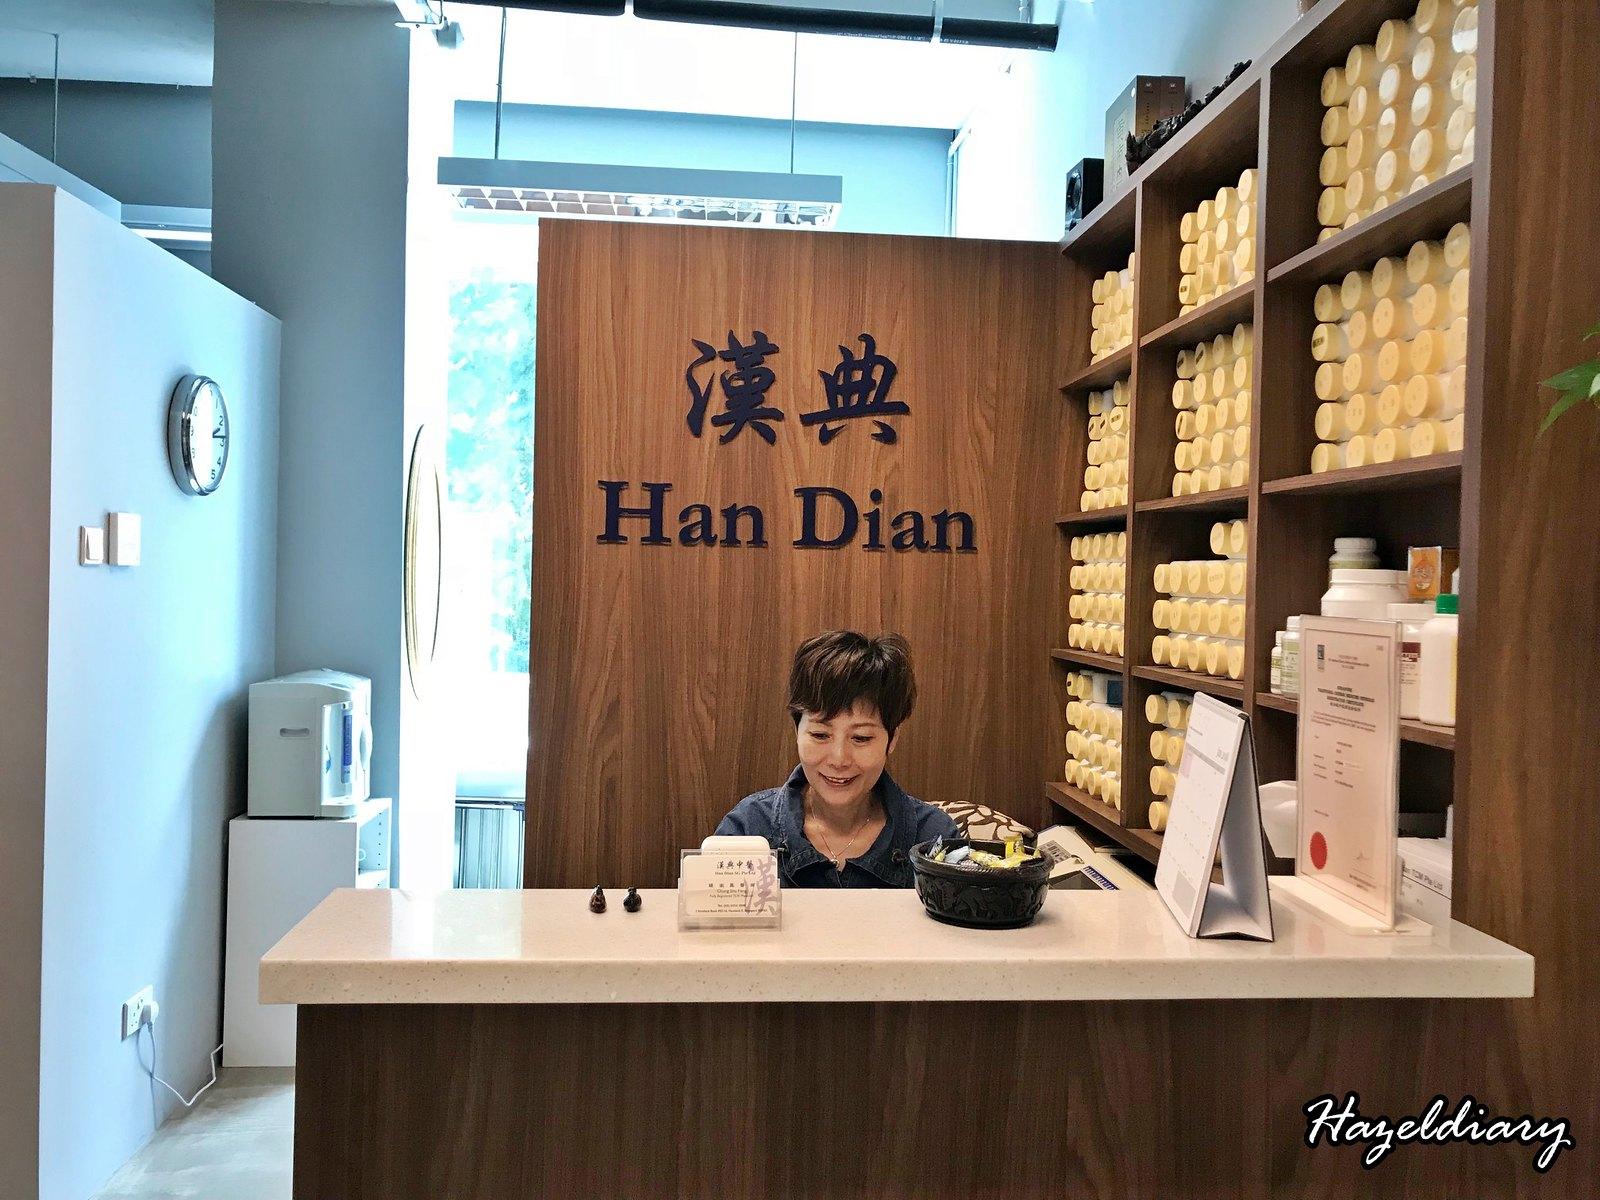 Han Dian SG-5